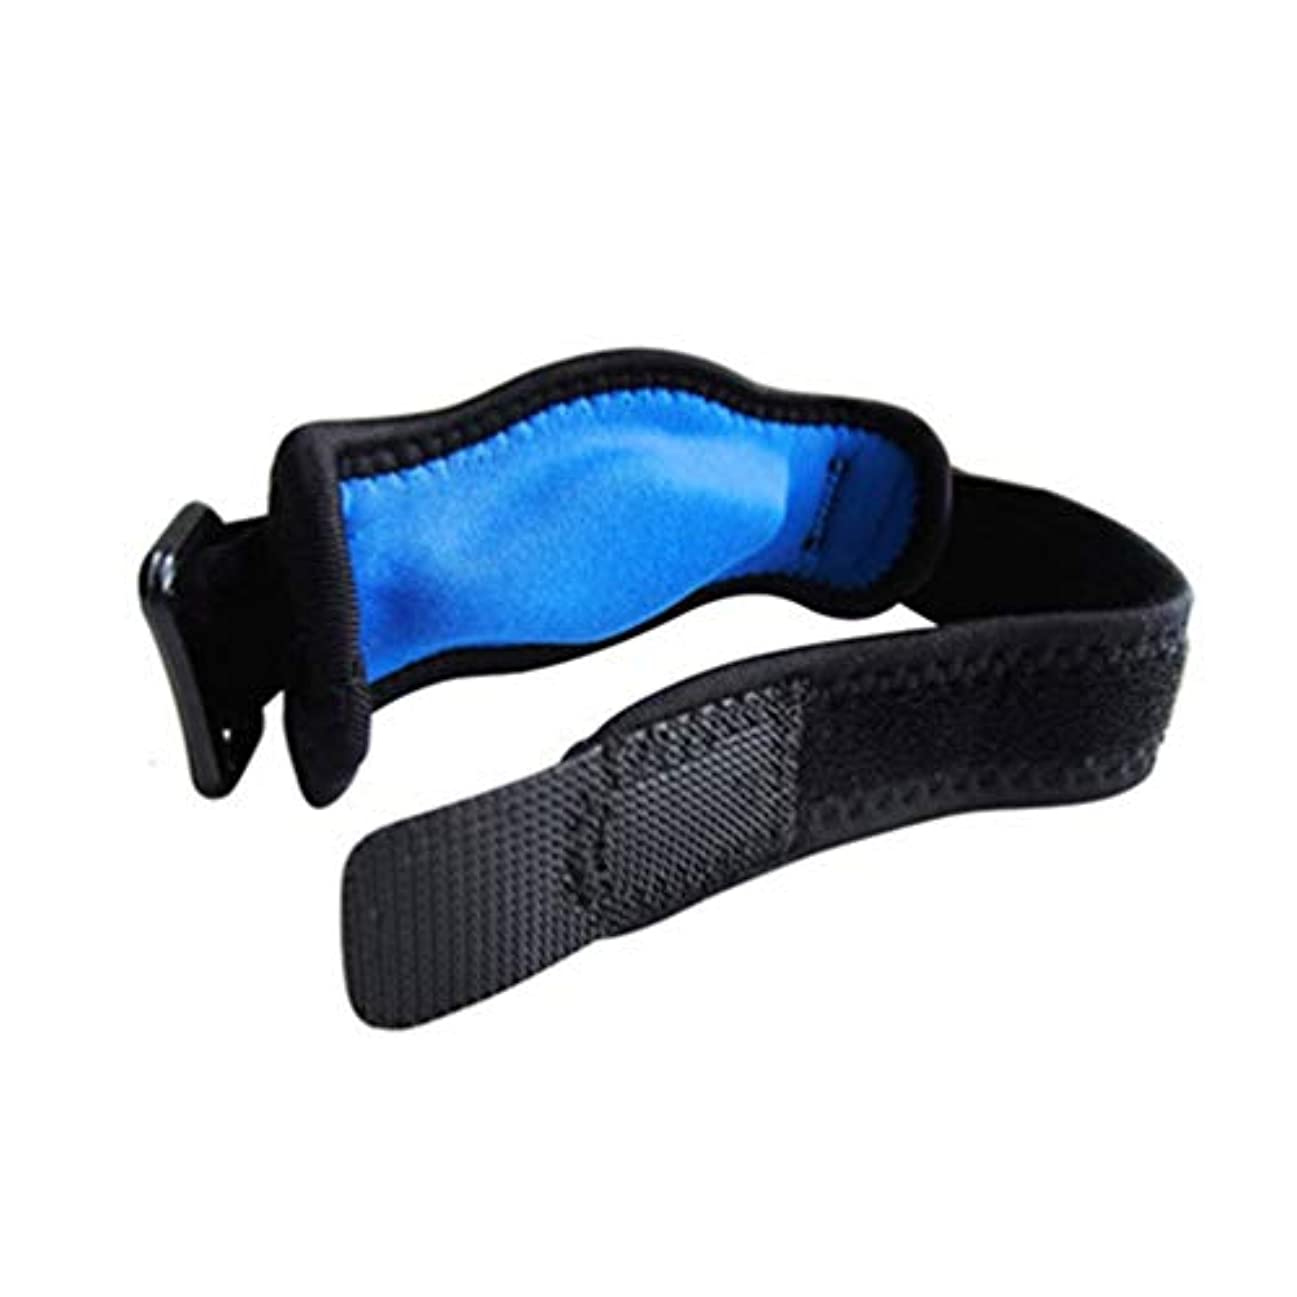 どこでも計算可能必要調節可能なテニス肘サポートストラップブレースゴルフ前腕痛み緩和 - 黒